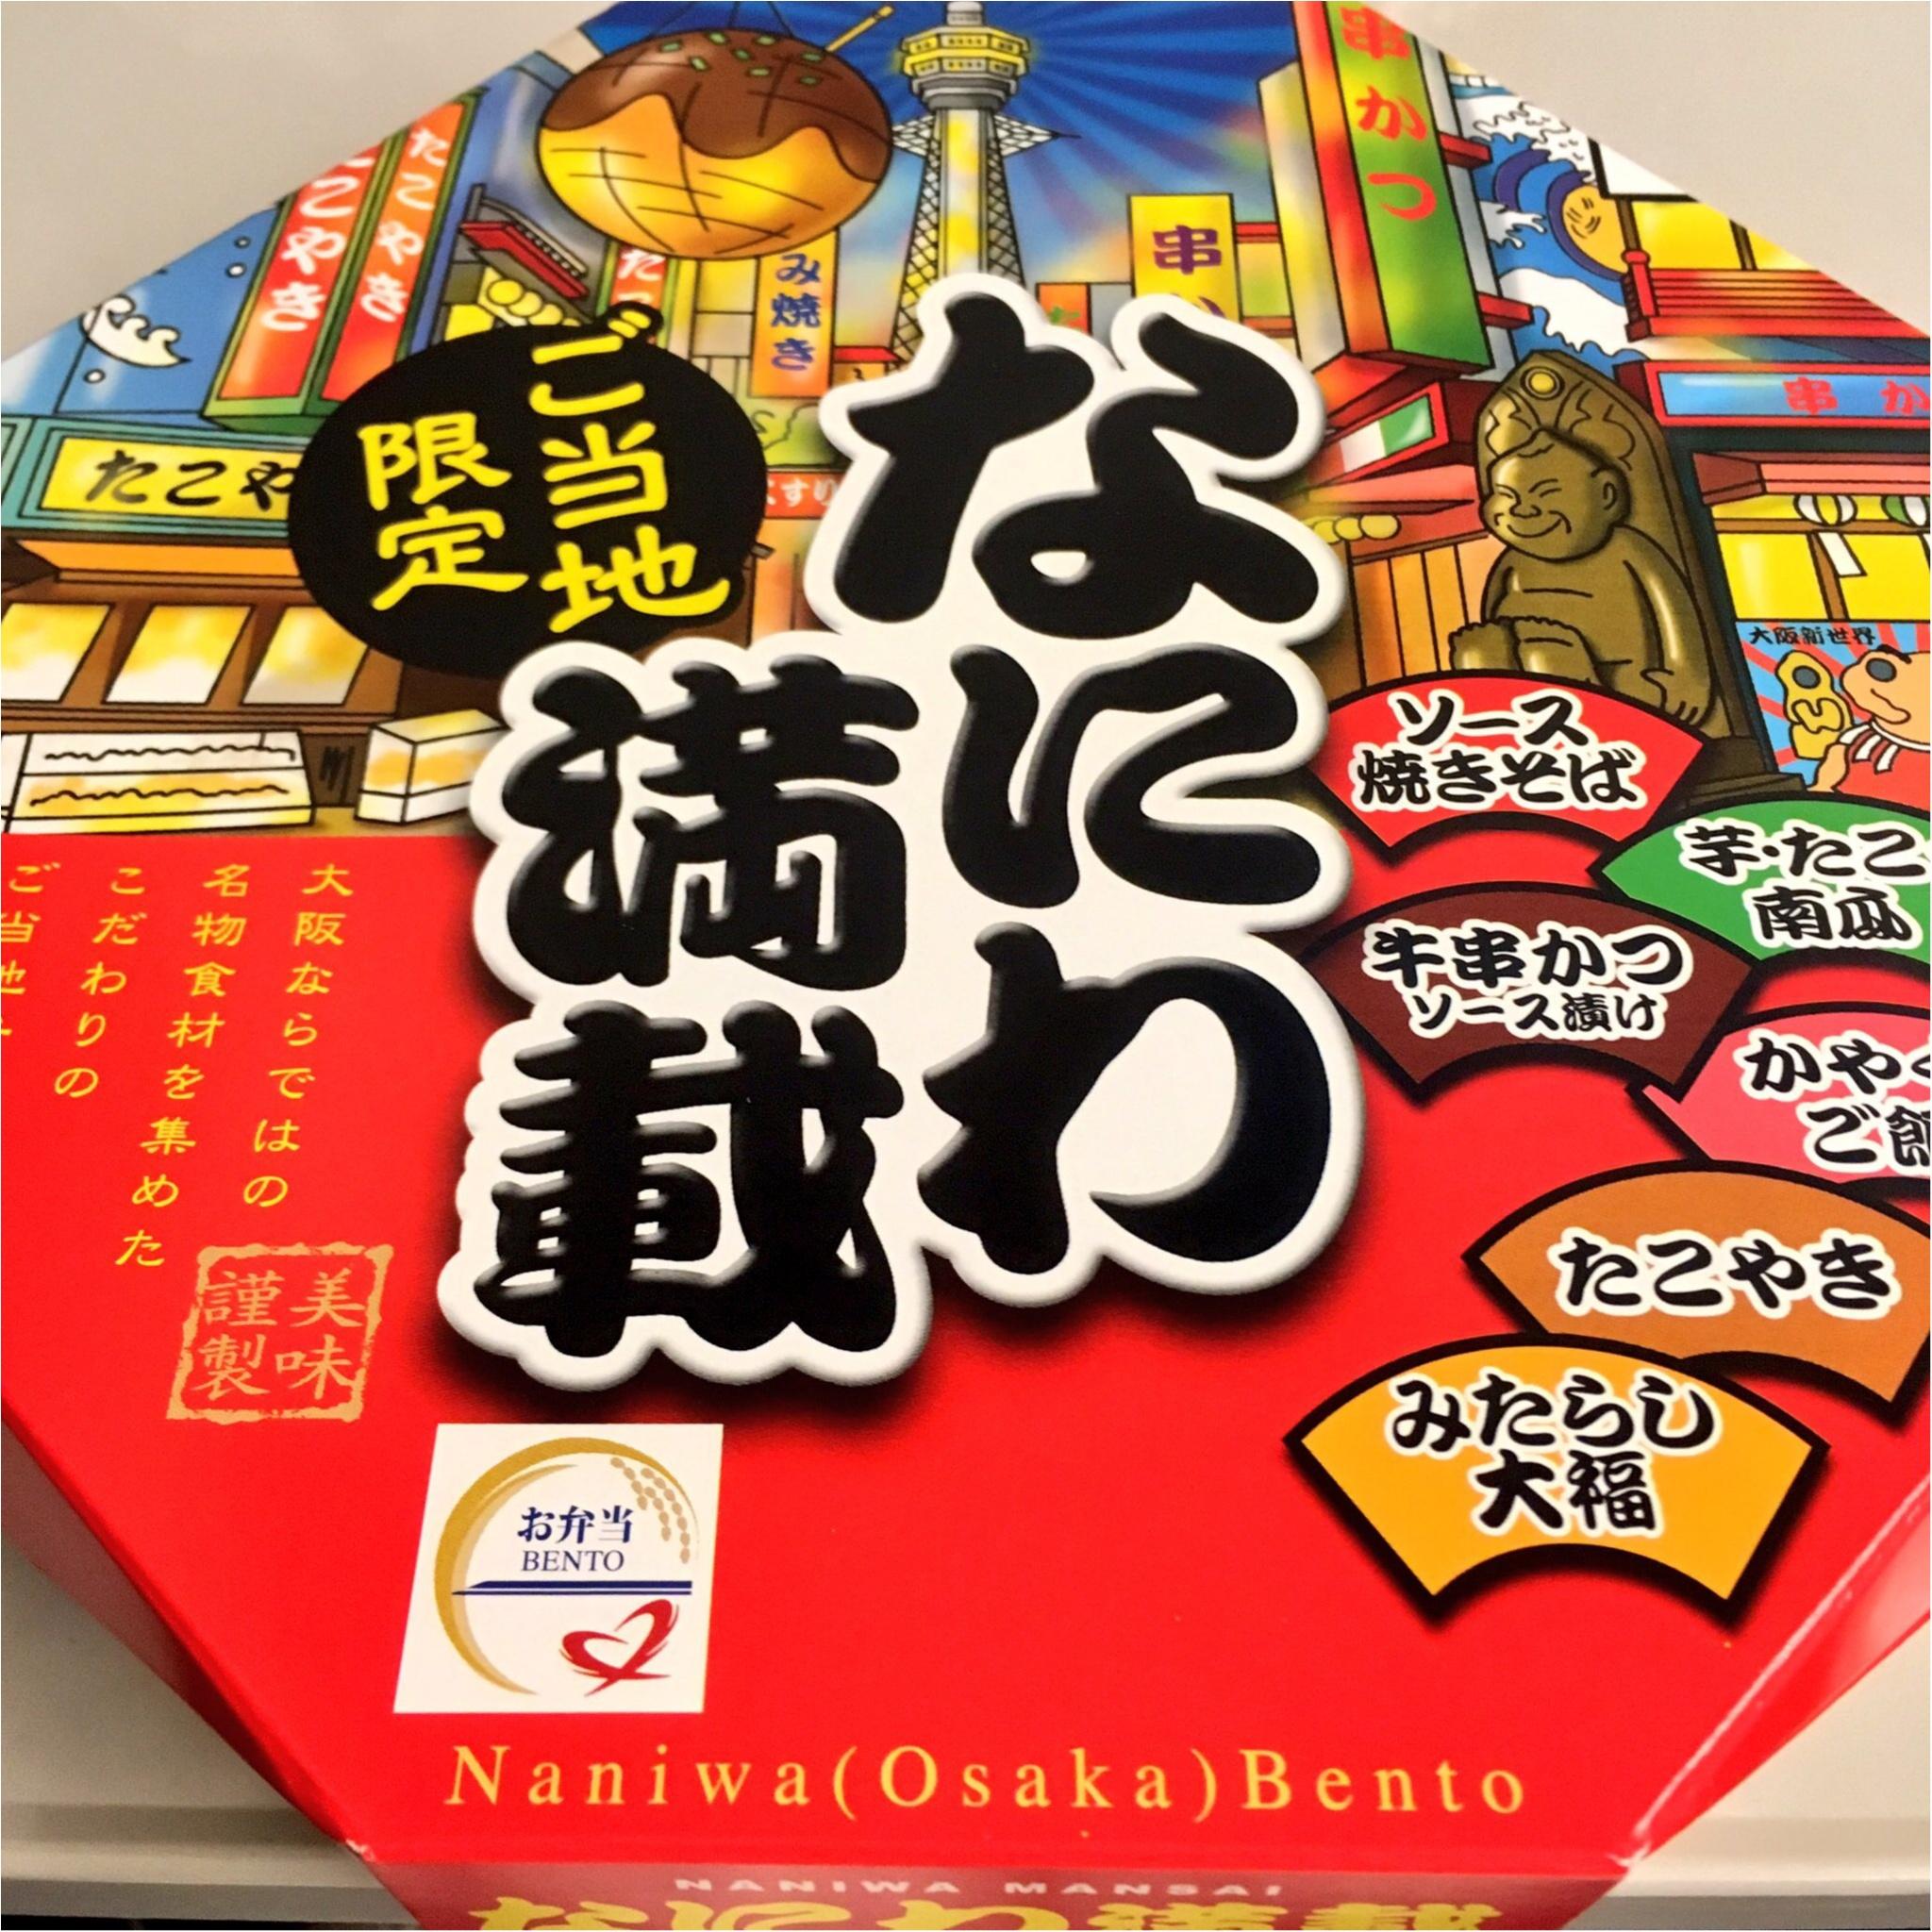 【関西旅行】これを買えばハズレない!♡【食べ物お土産ベスト3】_1